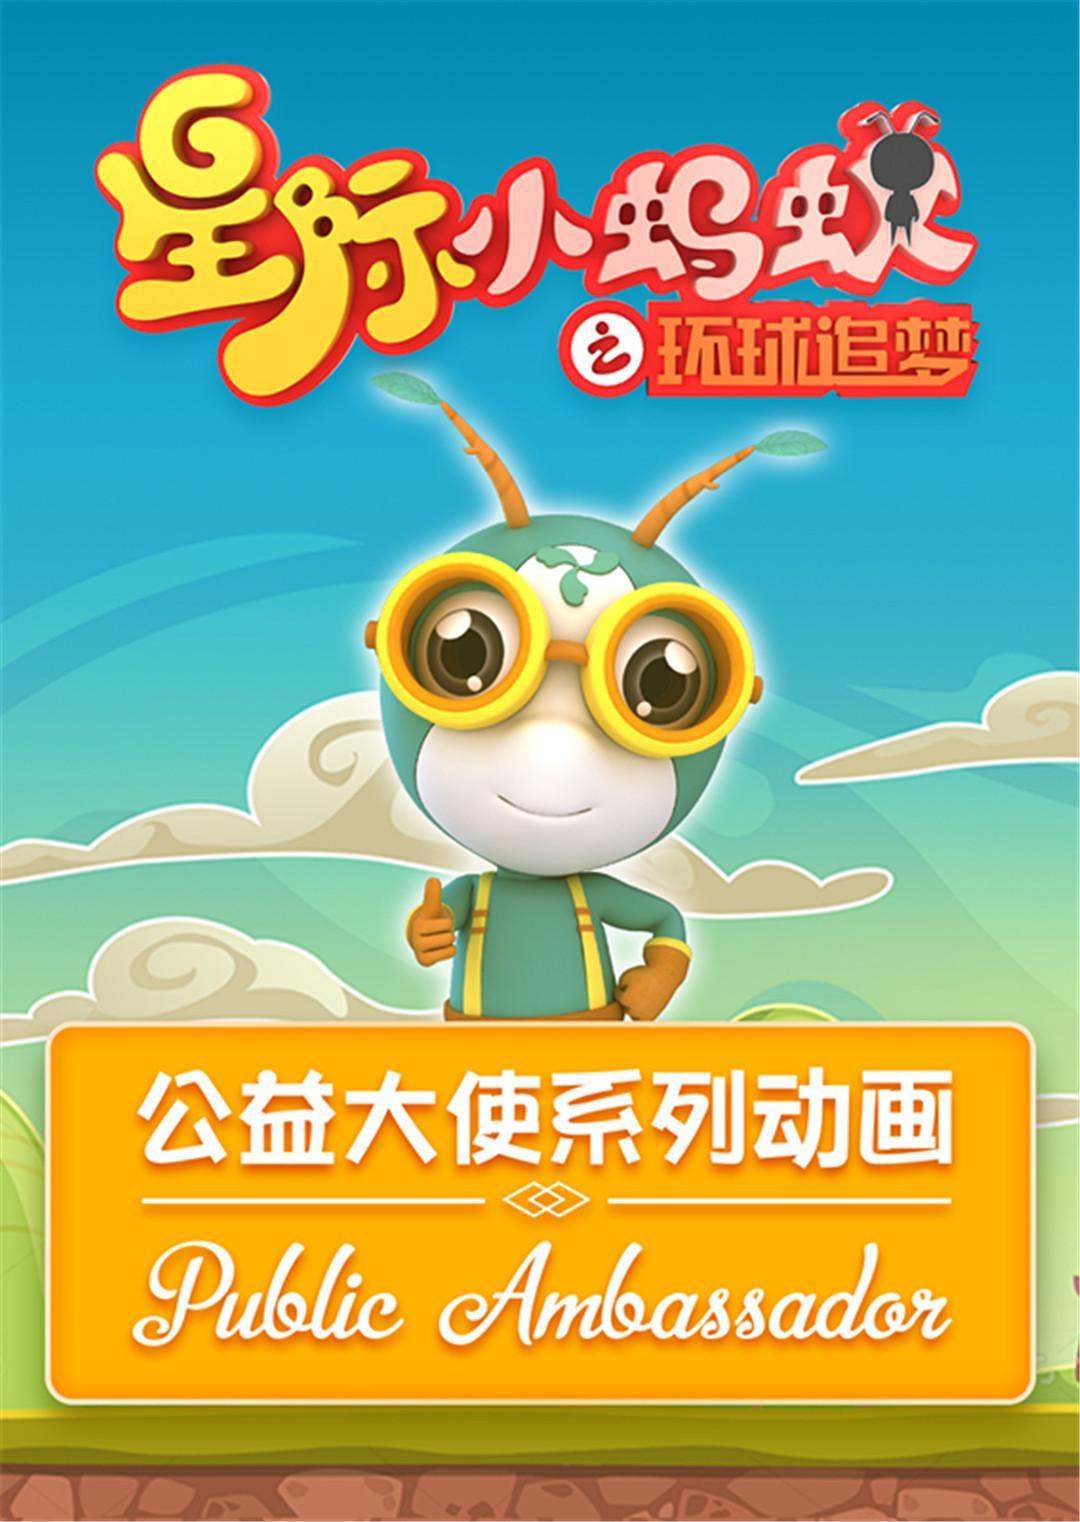 星际小蚂蚁公益大使